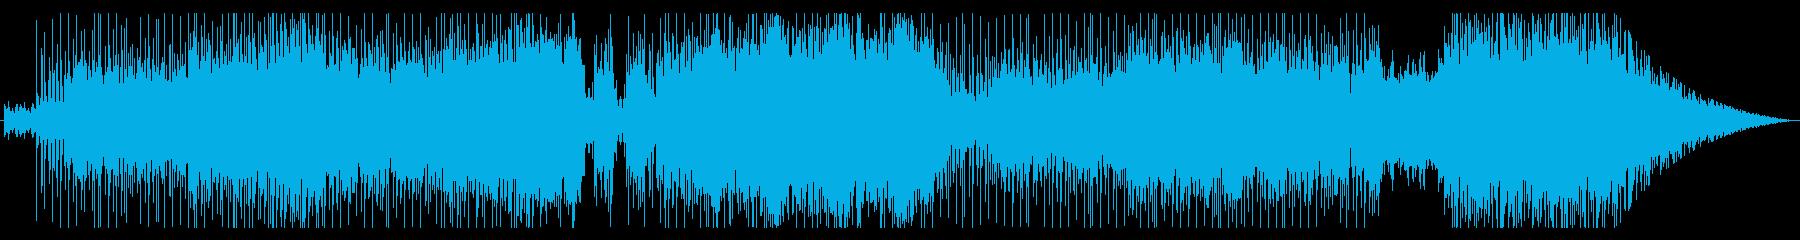 陽気なケルト風酒場BGM【環境音off】の再生済みの波形